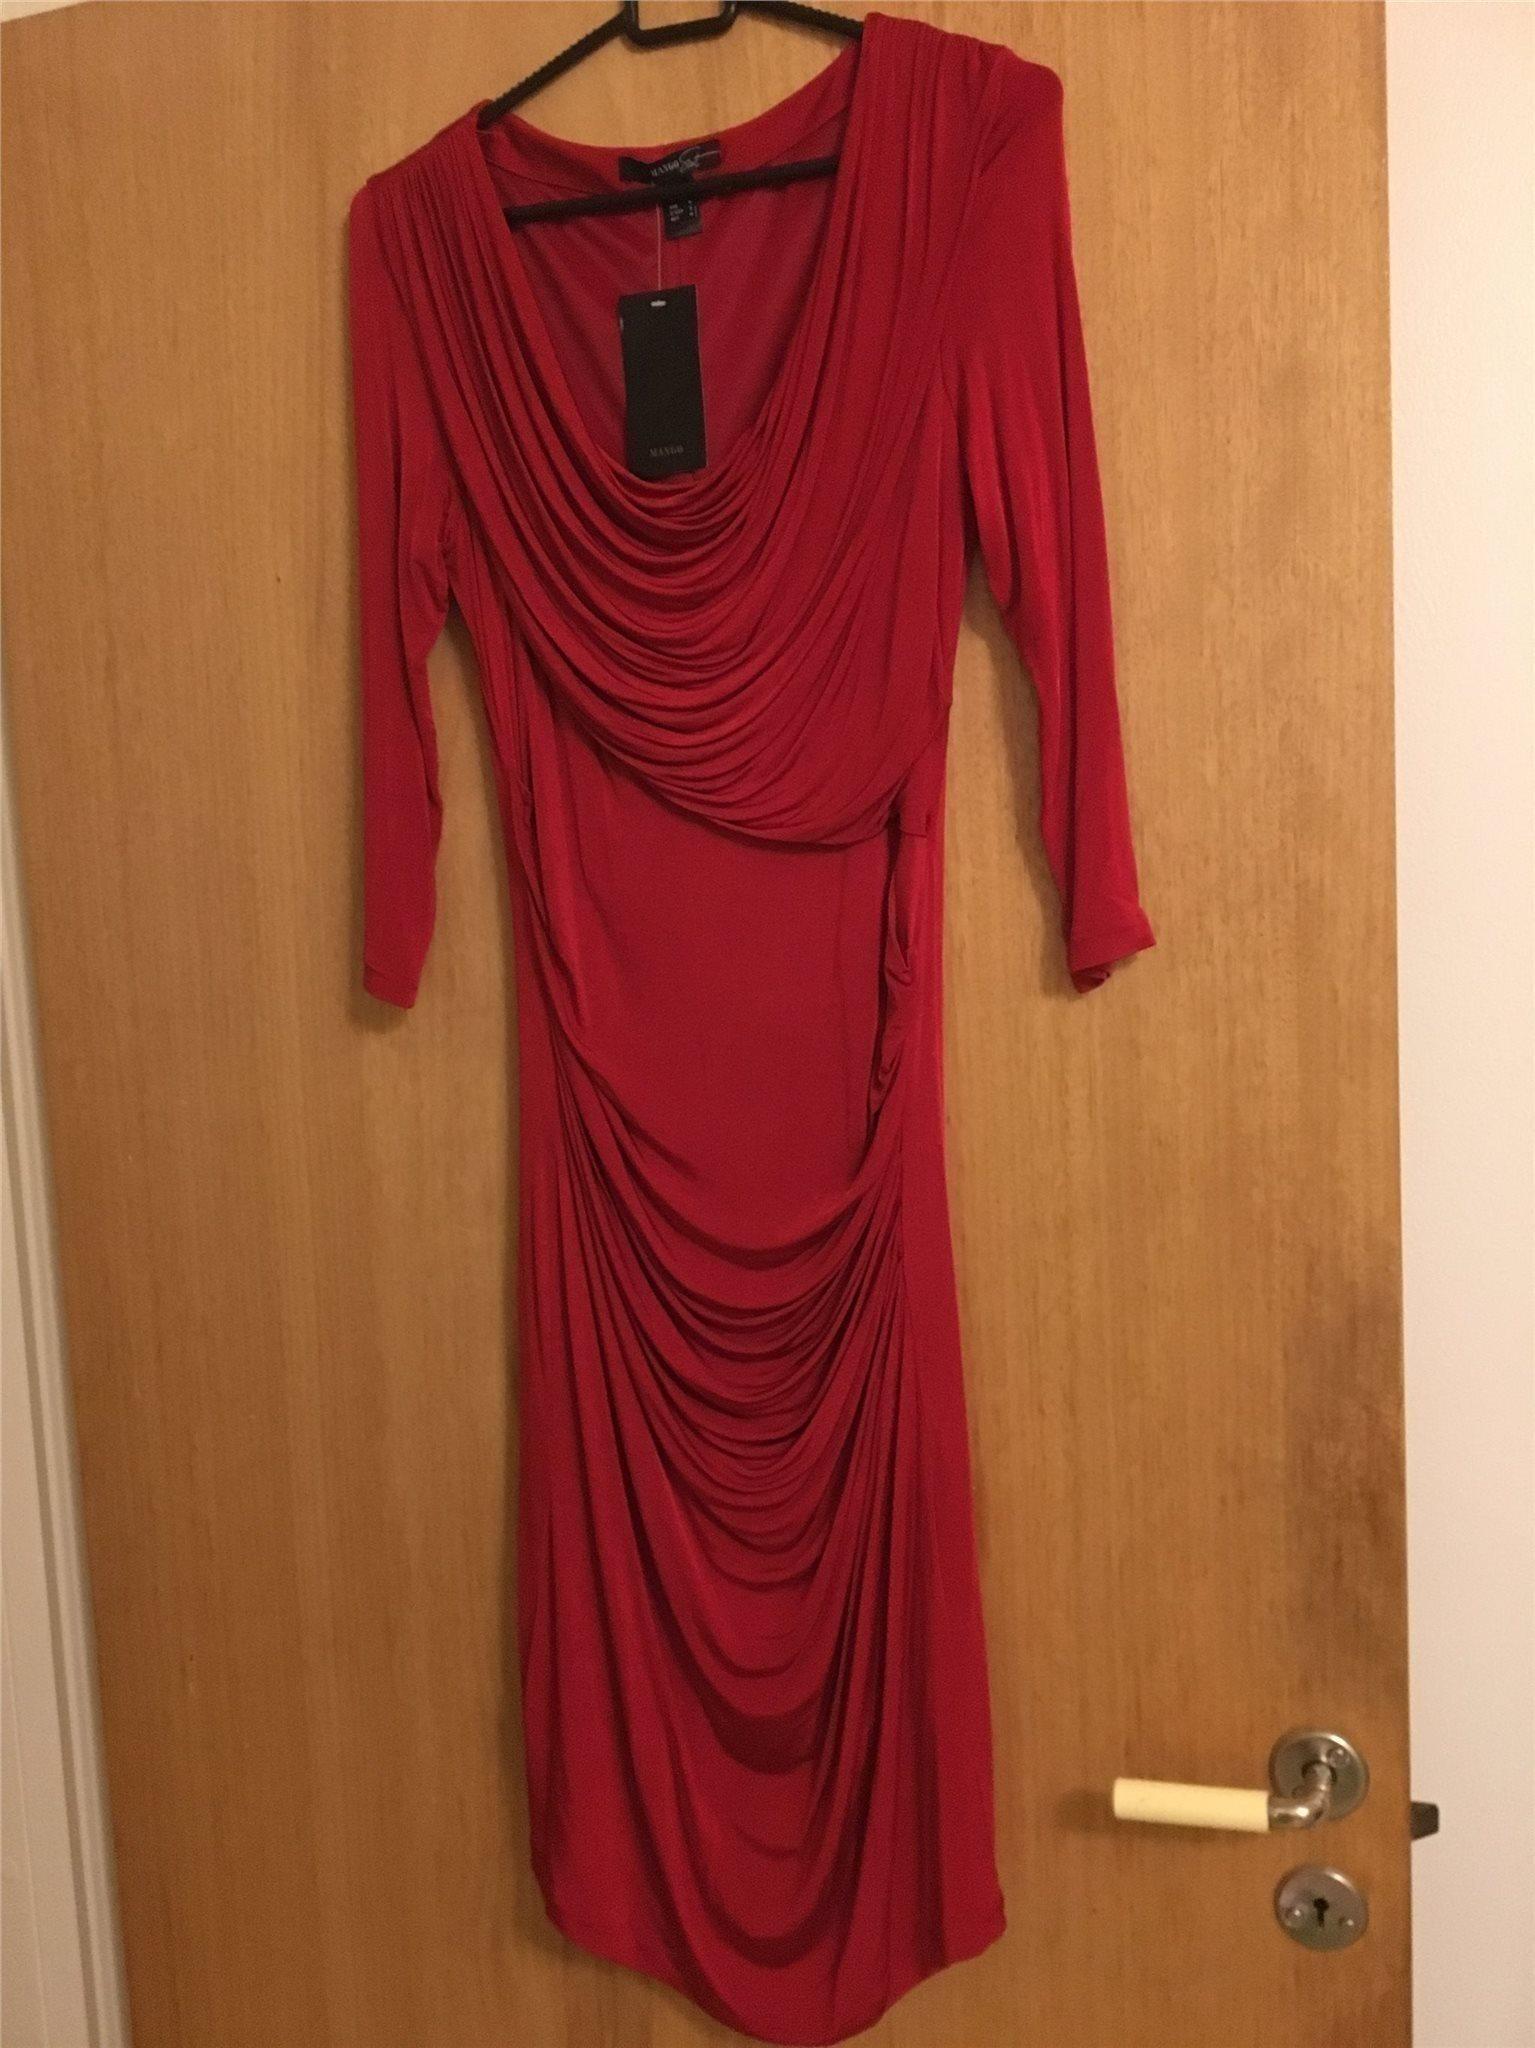 ae81b1100991 Ny snygg röd klänning stl. M (343469942) ᐈ Köp på Tradera